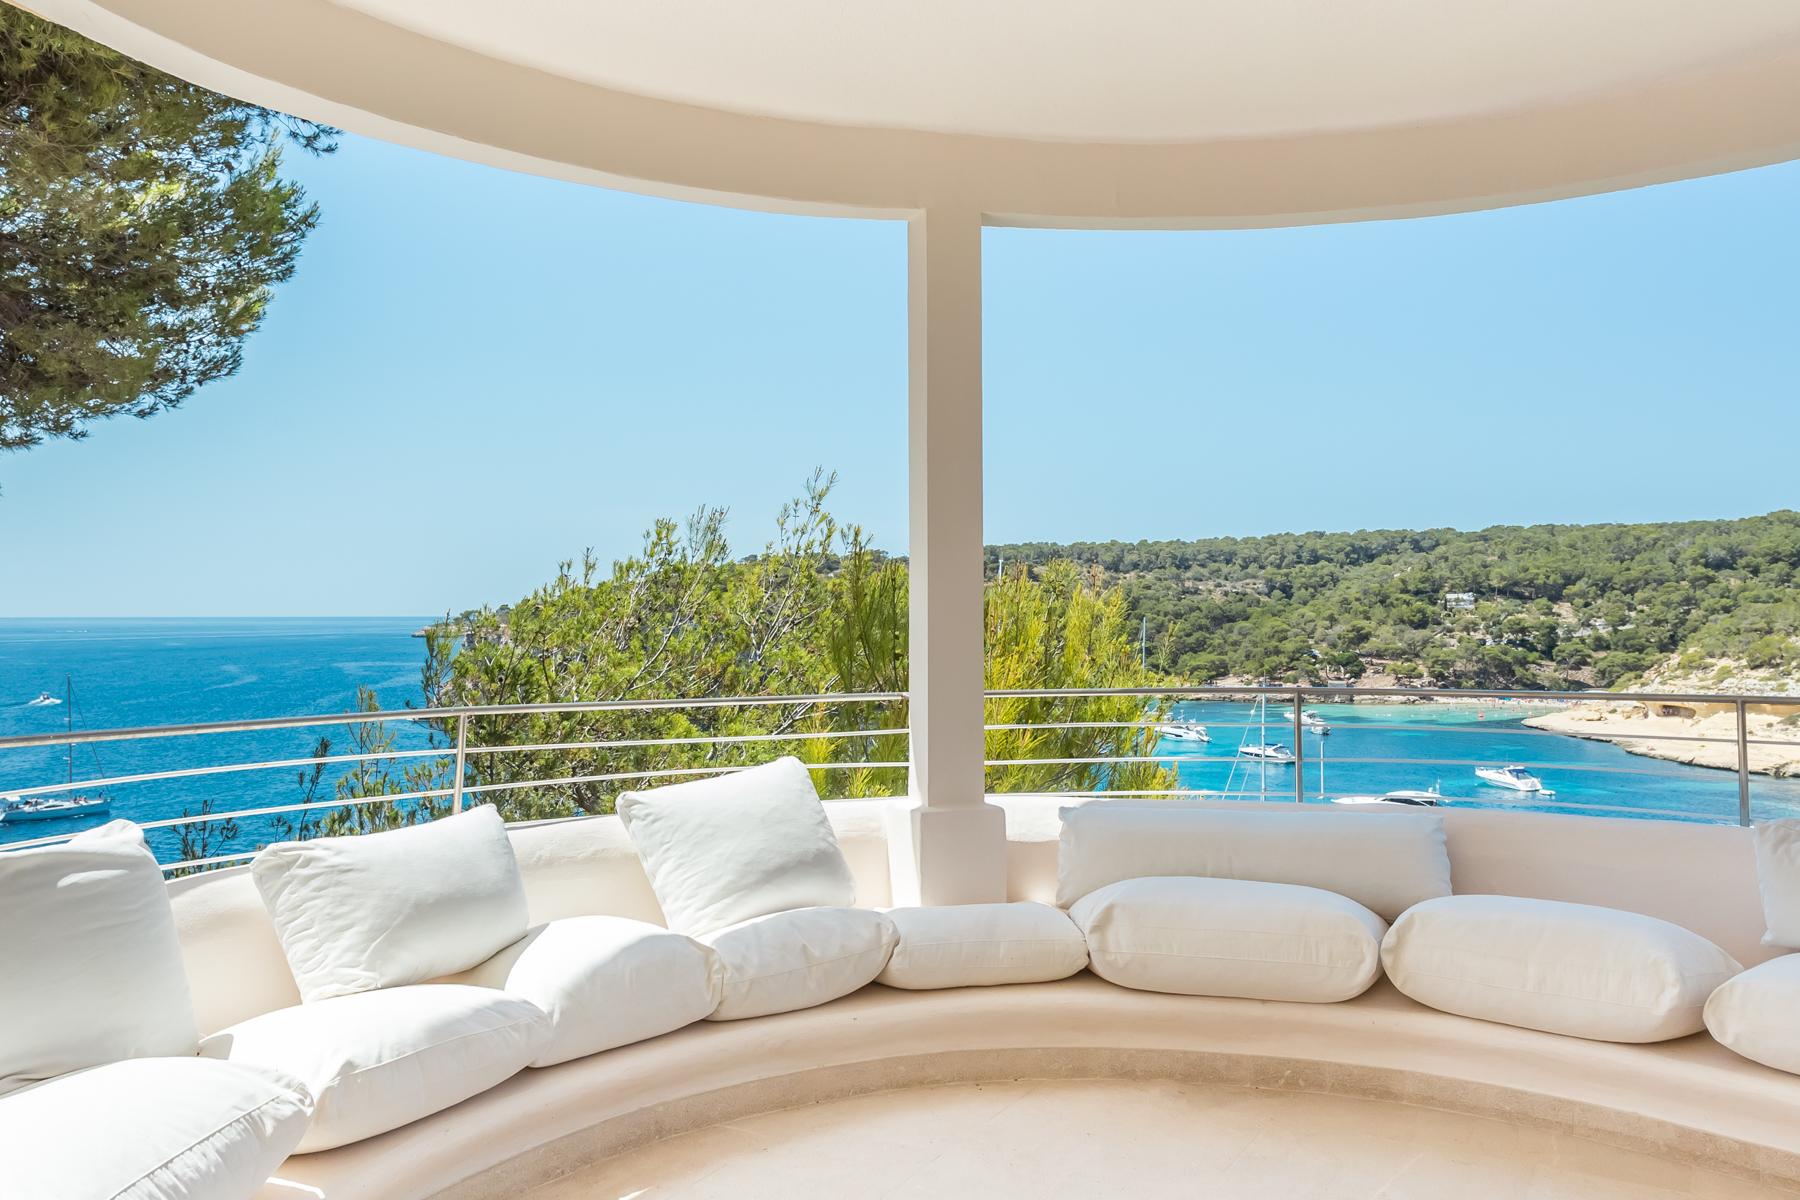 Single Family Home for Rent at Splendid frontline villa in Sol de Mallorca Sol De Mallorca, Mallorca, Spain